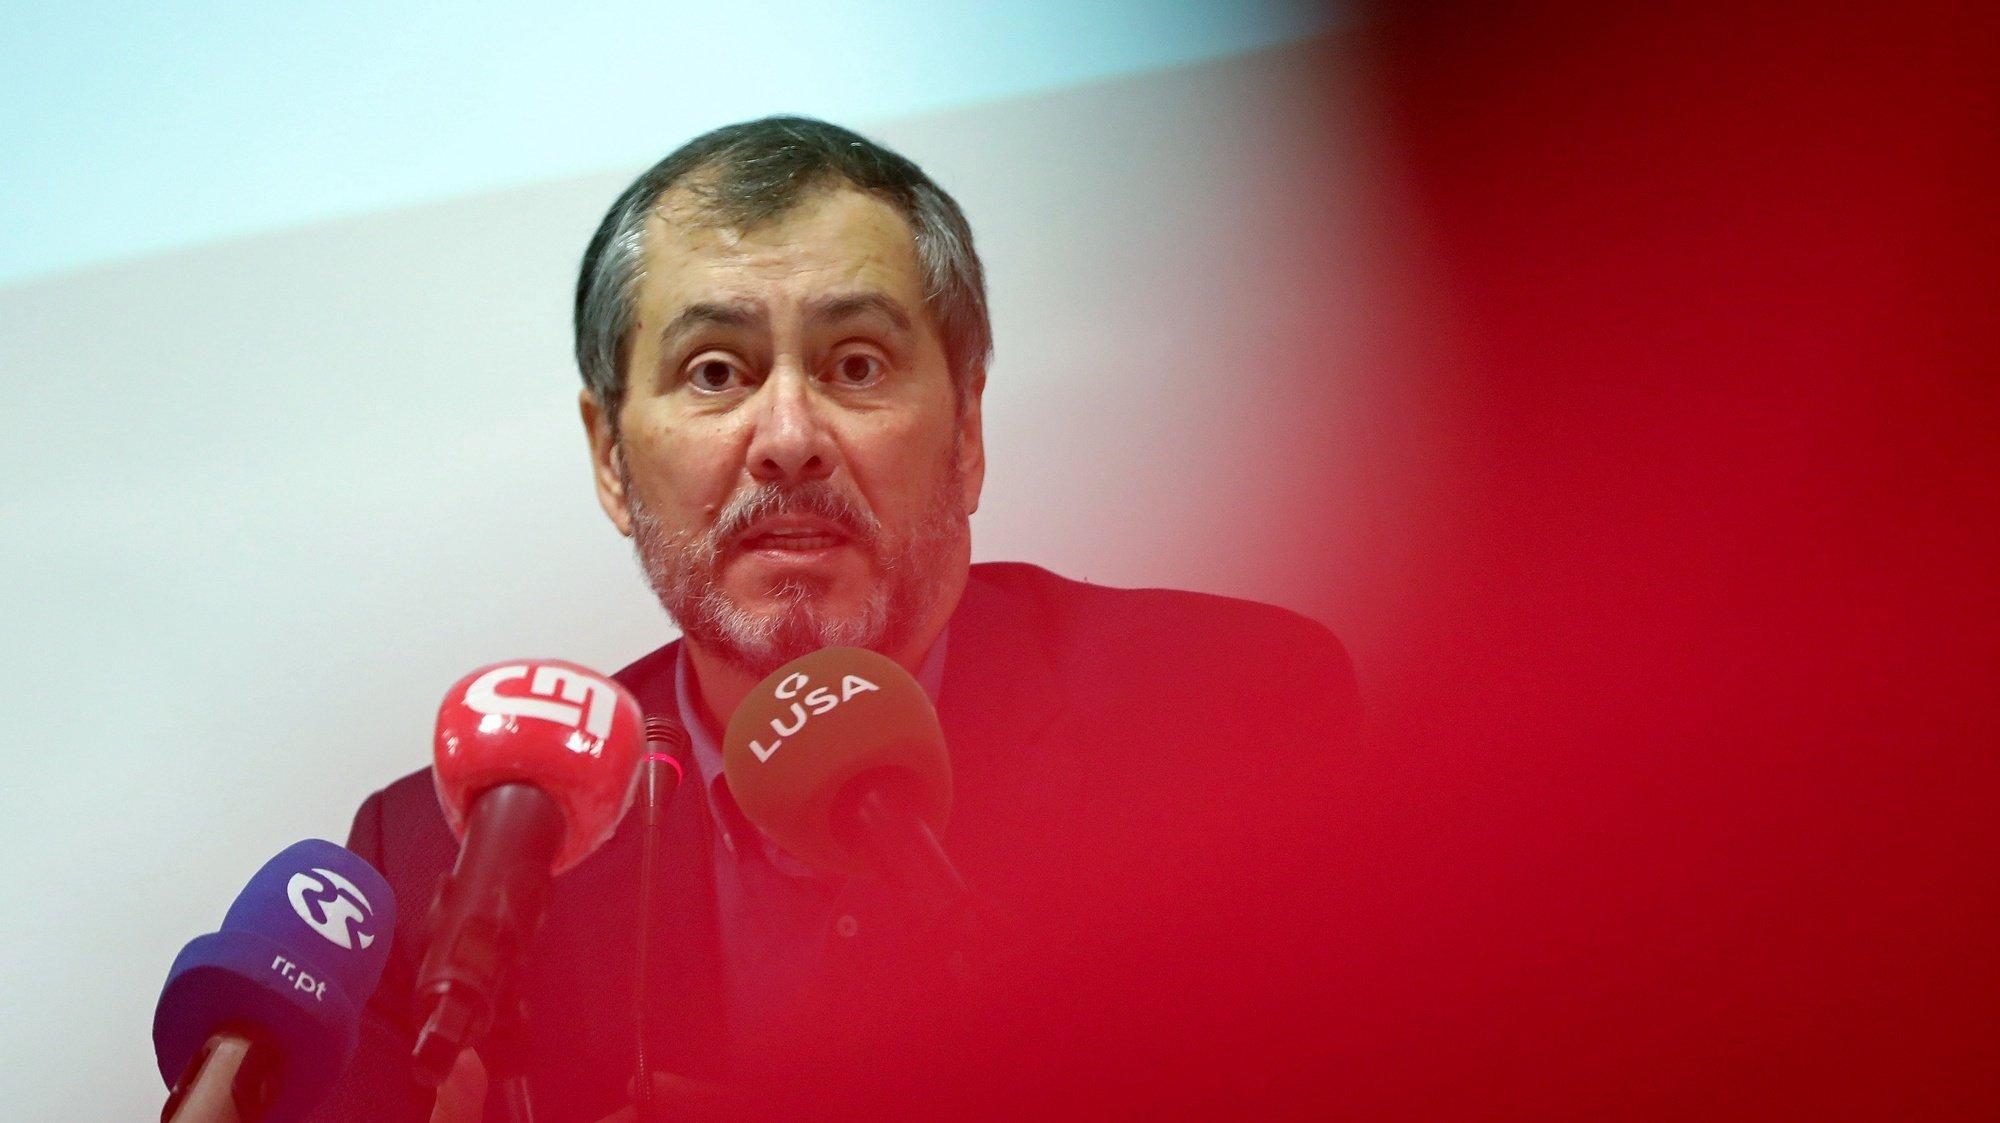 O secretário-geral da Federação Nacional dos Professores (FENPROF), Mário Nogueira, participa na conferência de imprensa para a divulgação da apreciação, propostas e ações no âmbito do Orçamento do Estado para 2021, em Lisboa, 26 de outubro de 2020. ANTÓNIO PEDRO SANTOS/LUSA